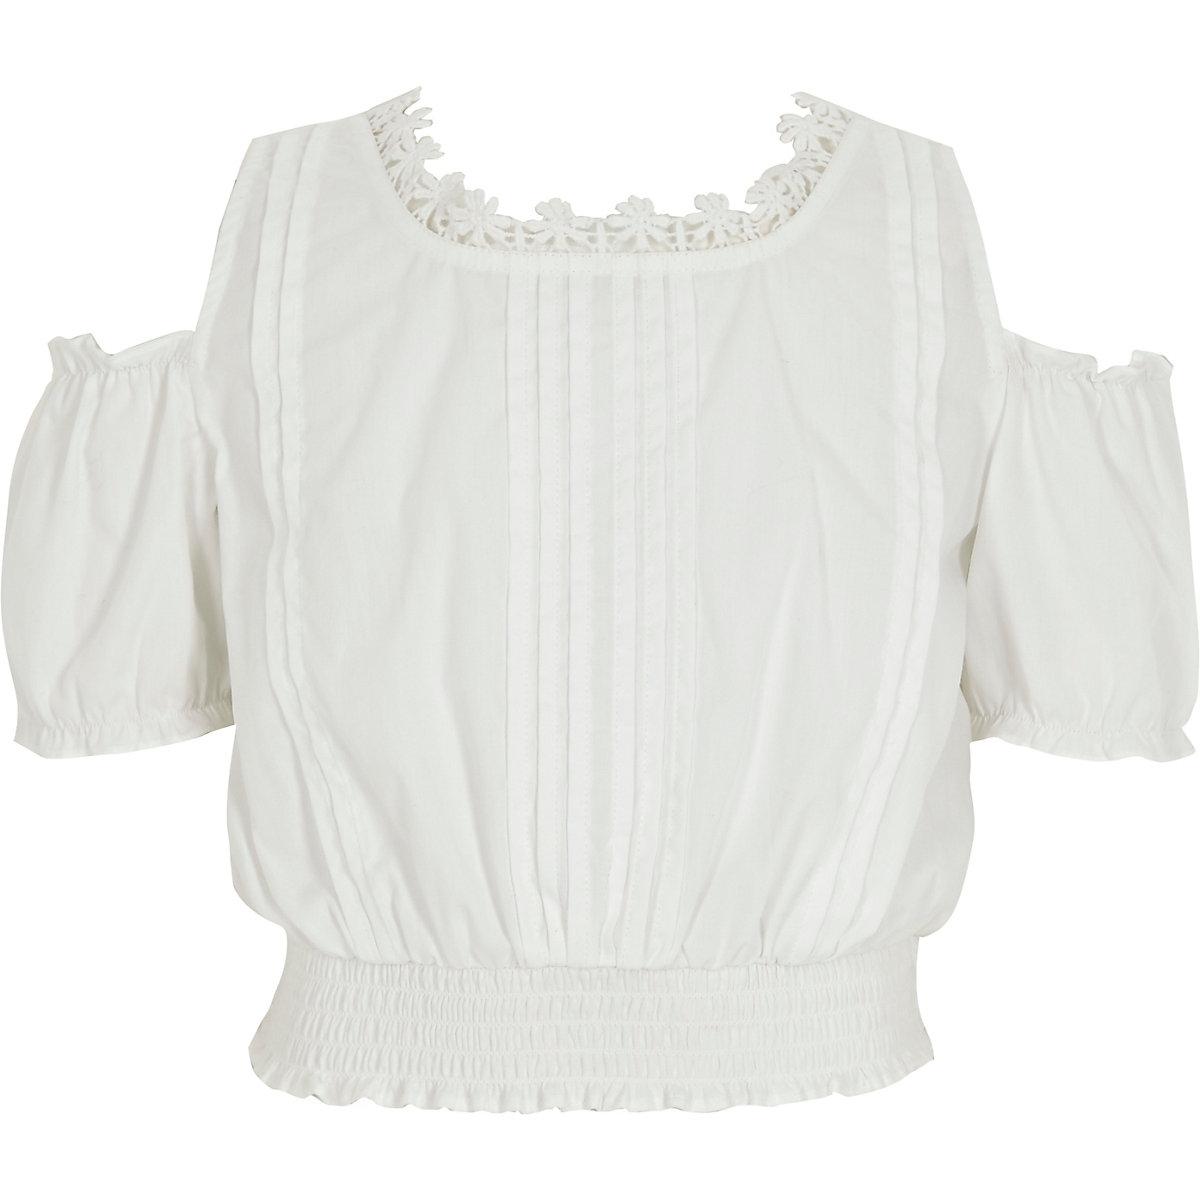 Girls white floral trim crop top